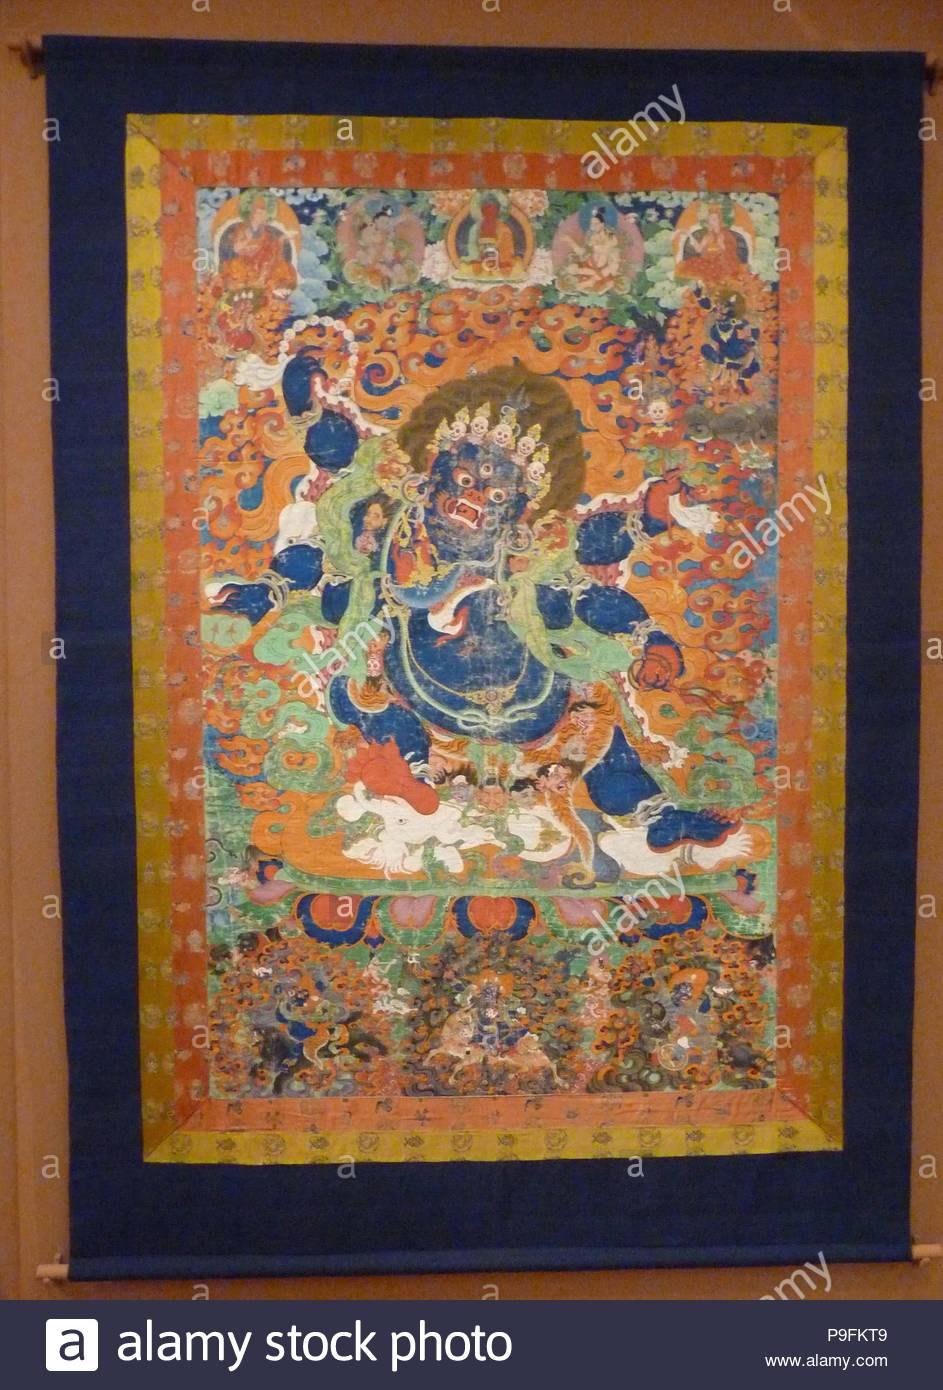 """Six-Armed Mahakala, Anfang des 18. Jahrhunderts, Tibet, Staupe auf Stoff, 83 3 / 8 x 57 cm. (211,8 x 146,7 cm), Gemälde, die wilden Aspekt des Bodhisattva Avalokiteshvara, Mahakala ist in einem flammenden Heiligenschein dargestellt, seine sechs Hände halten seine entsetzliche Ritualgegenstände. Die Teilnahme an Mahakala sind vier yaksha """"Minister"""" in Rot und Blau, und Sie fahren mit dem Bär und ein Pferd und Flanke der Beschützer Göttin Palden Lhamo auf ihre Esel. Stockbild"""